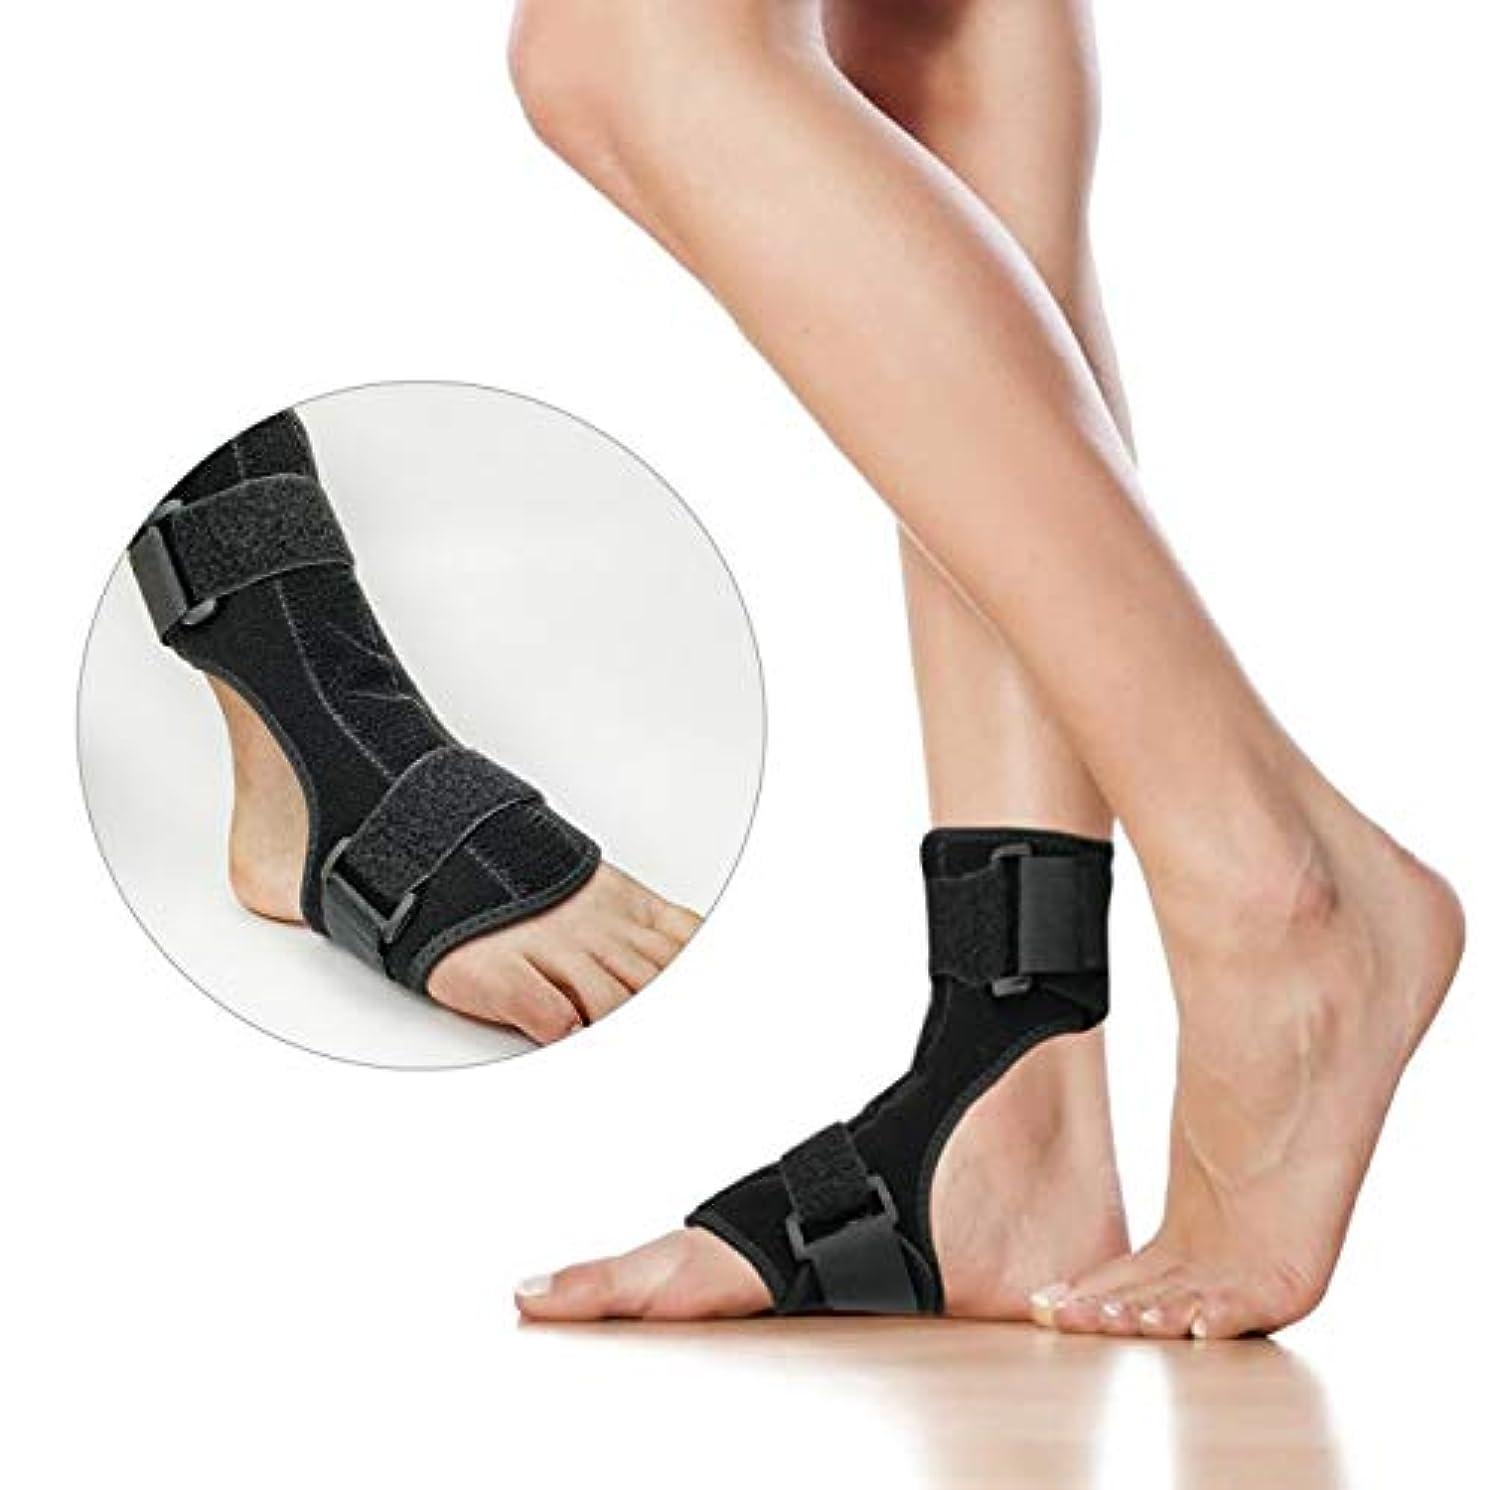 成果外部そんなに足首装具、ユニバーサルフットドロップ装具装具、アルミニウム足首足底筋膜炎スプリントサポート子供と大人のためのストラップサポート付き足装具